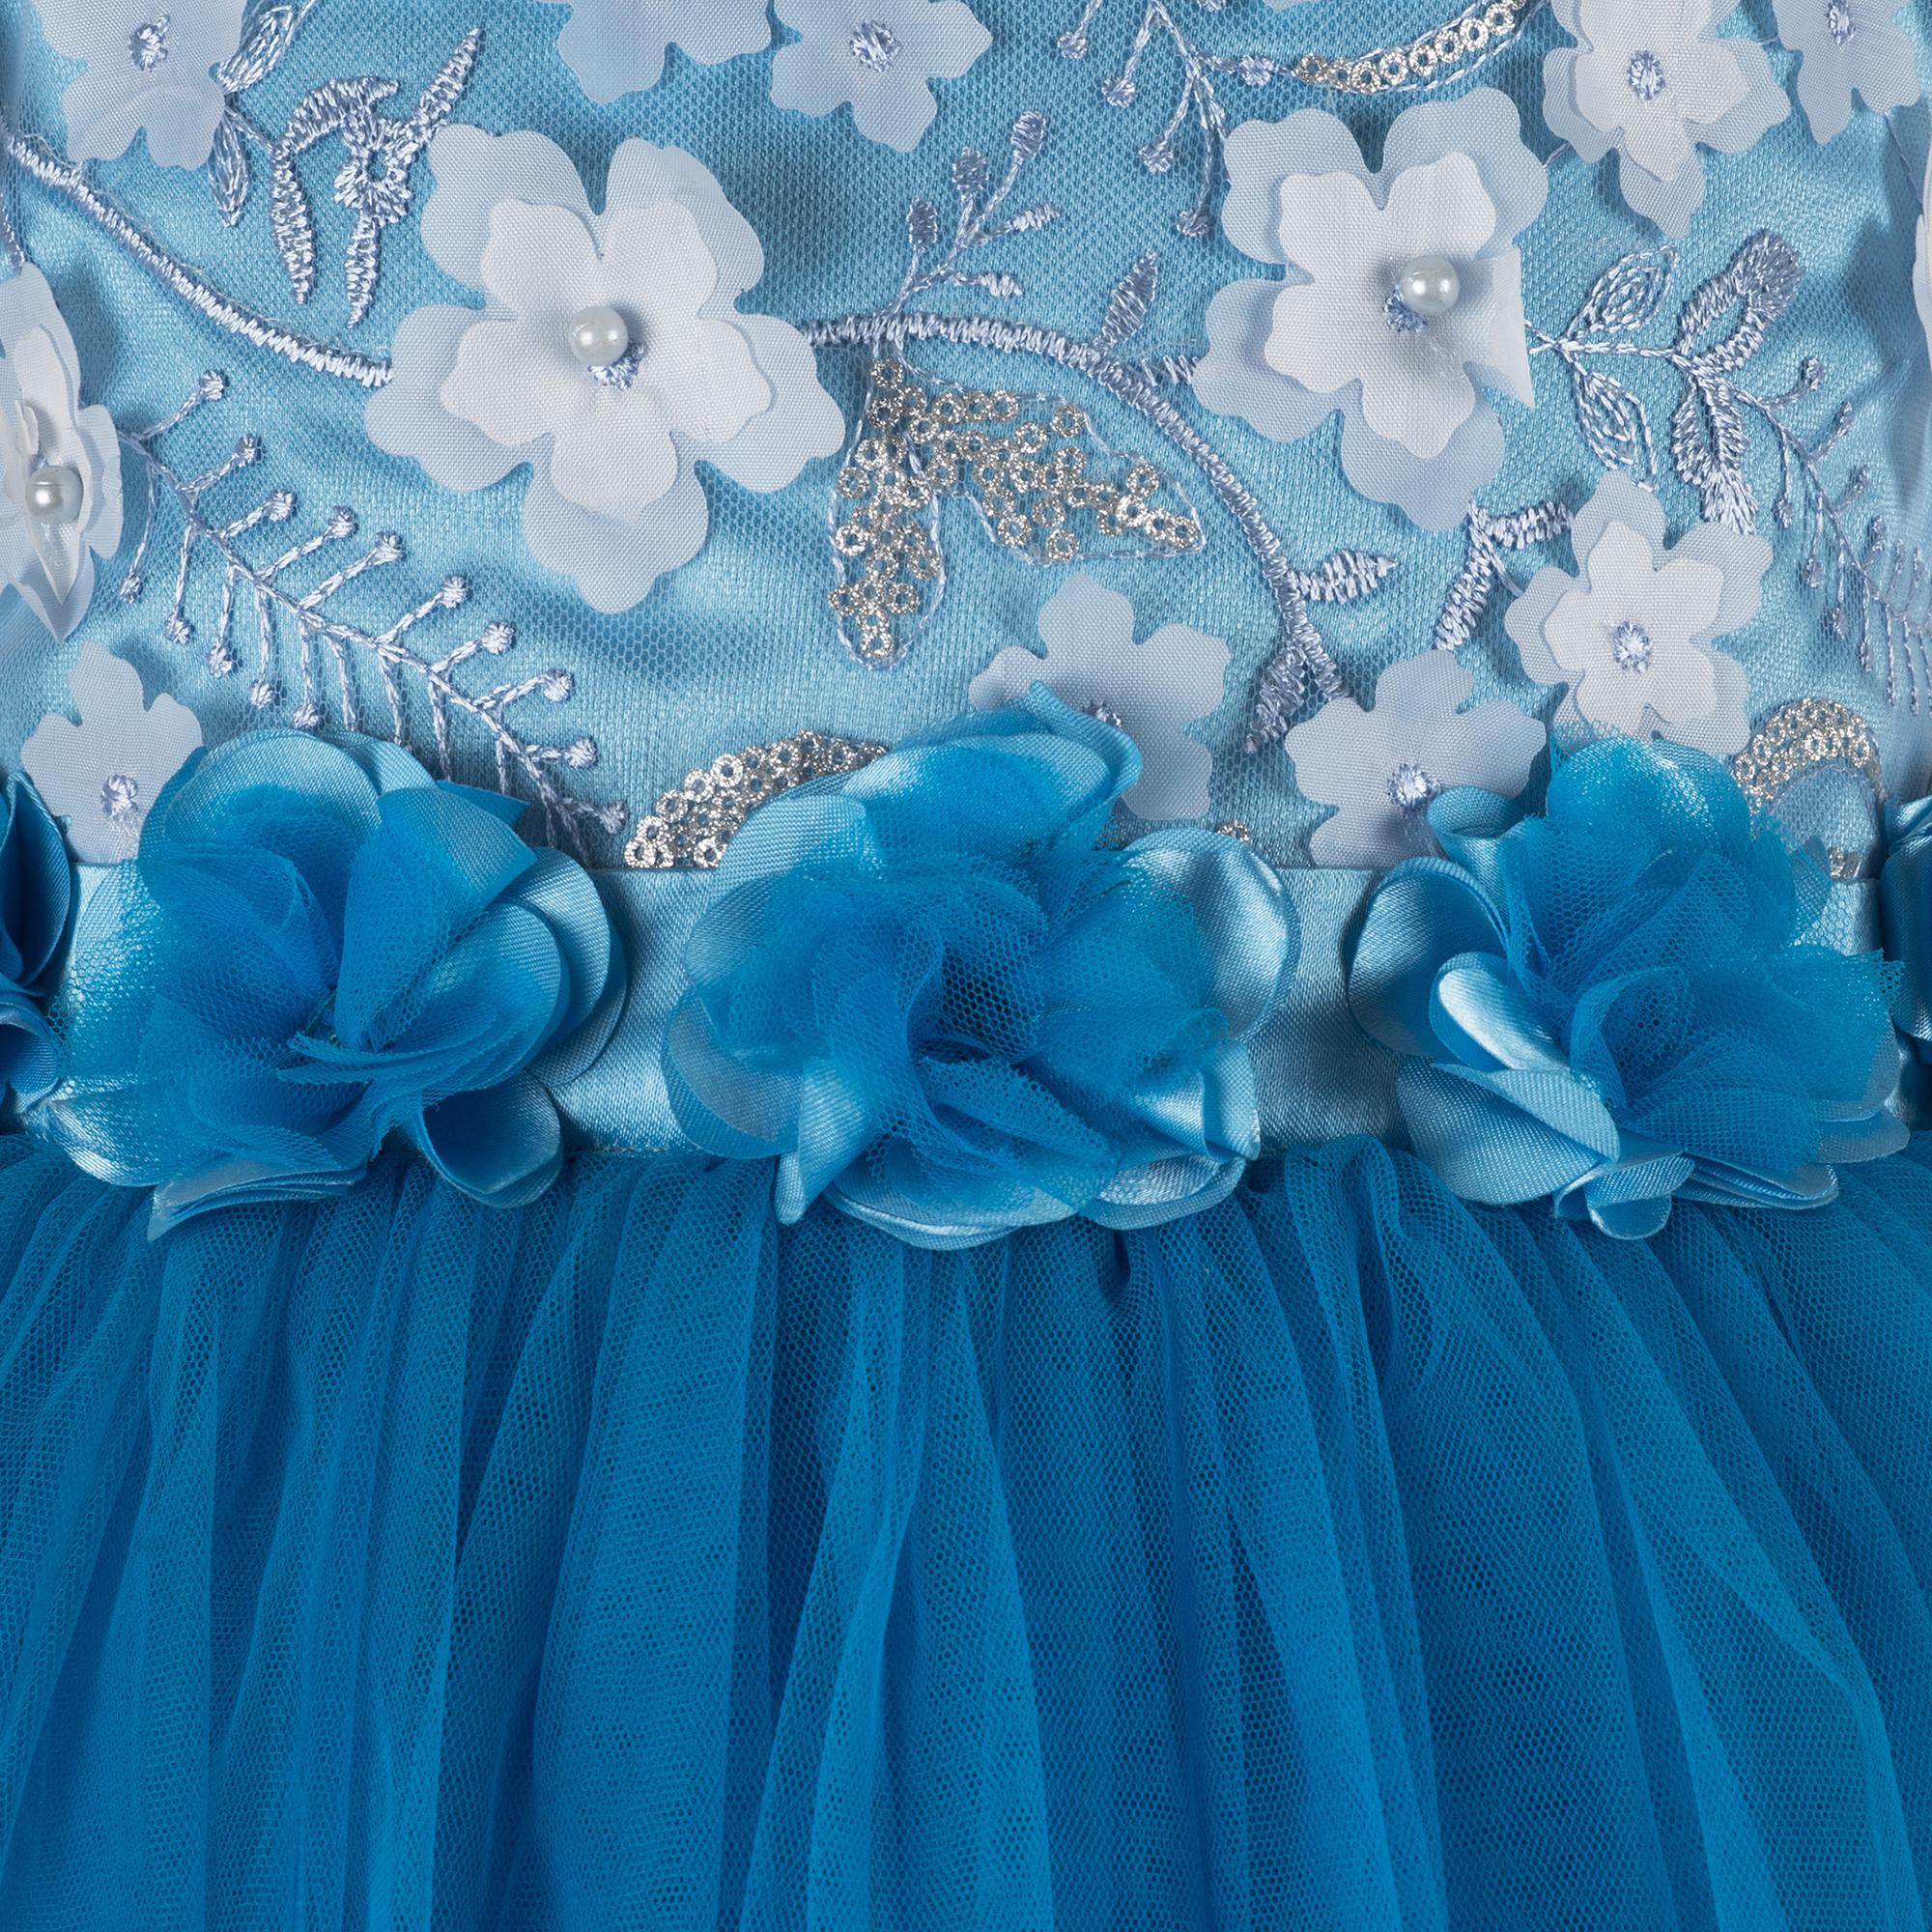 Flower bead Applique Sky Blue Frock